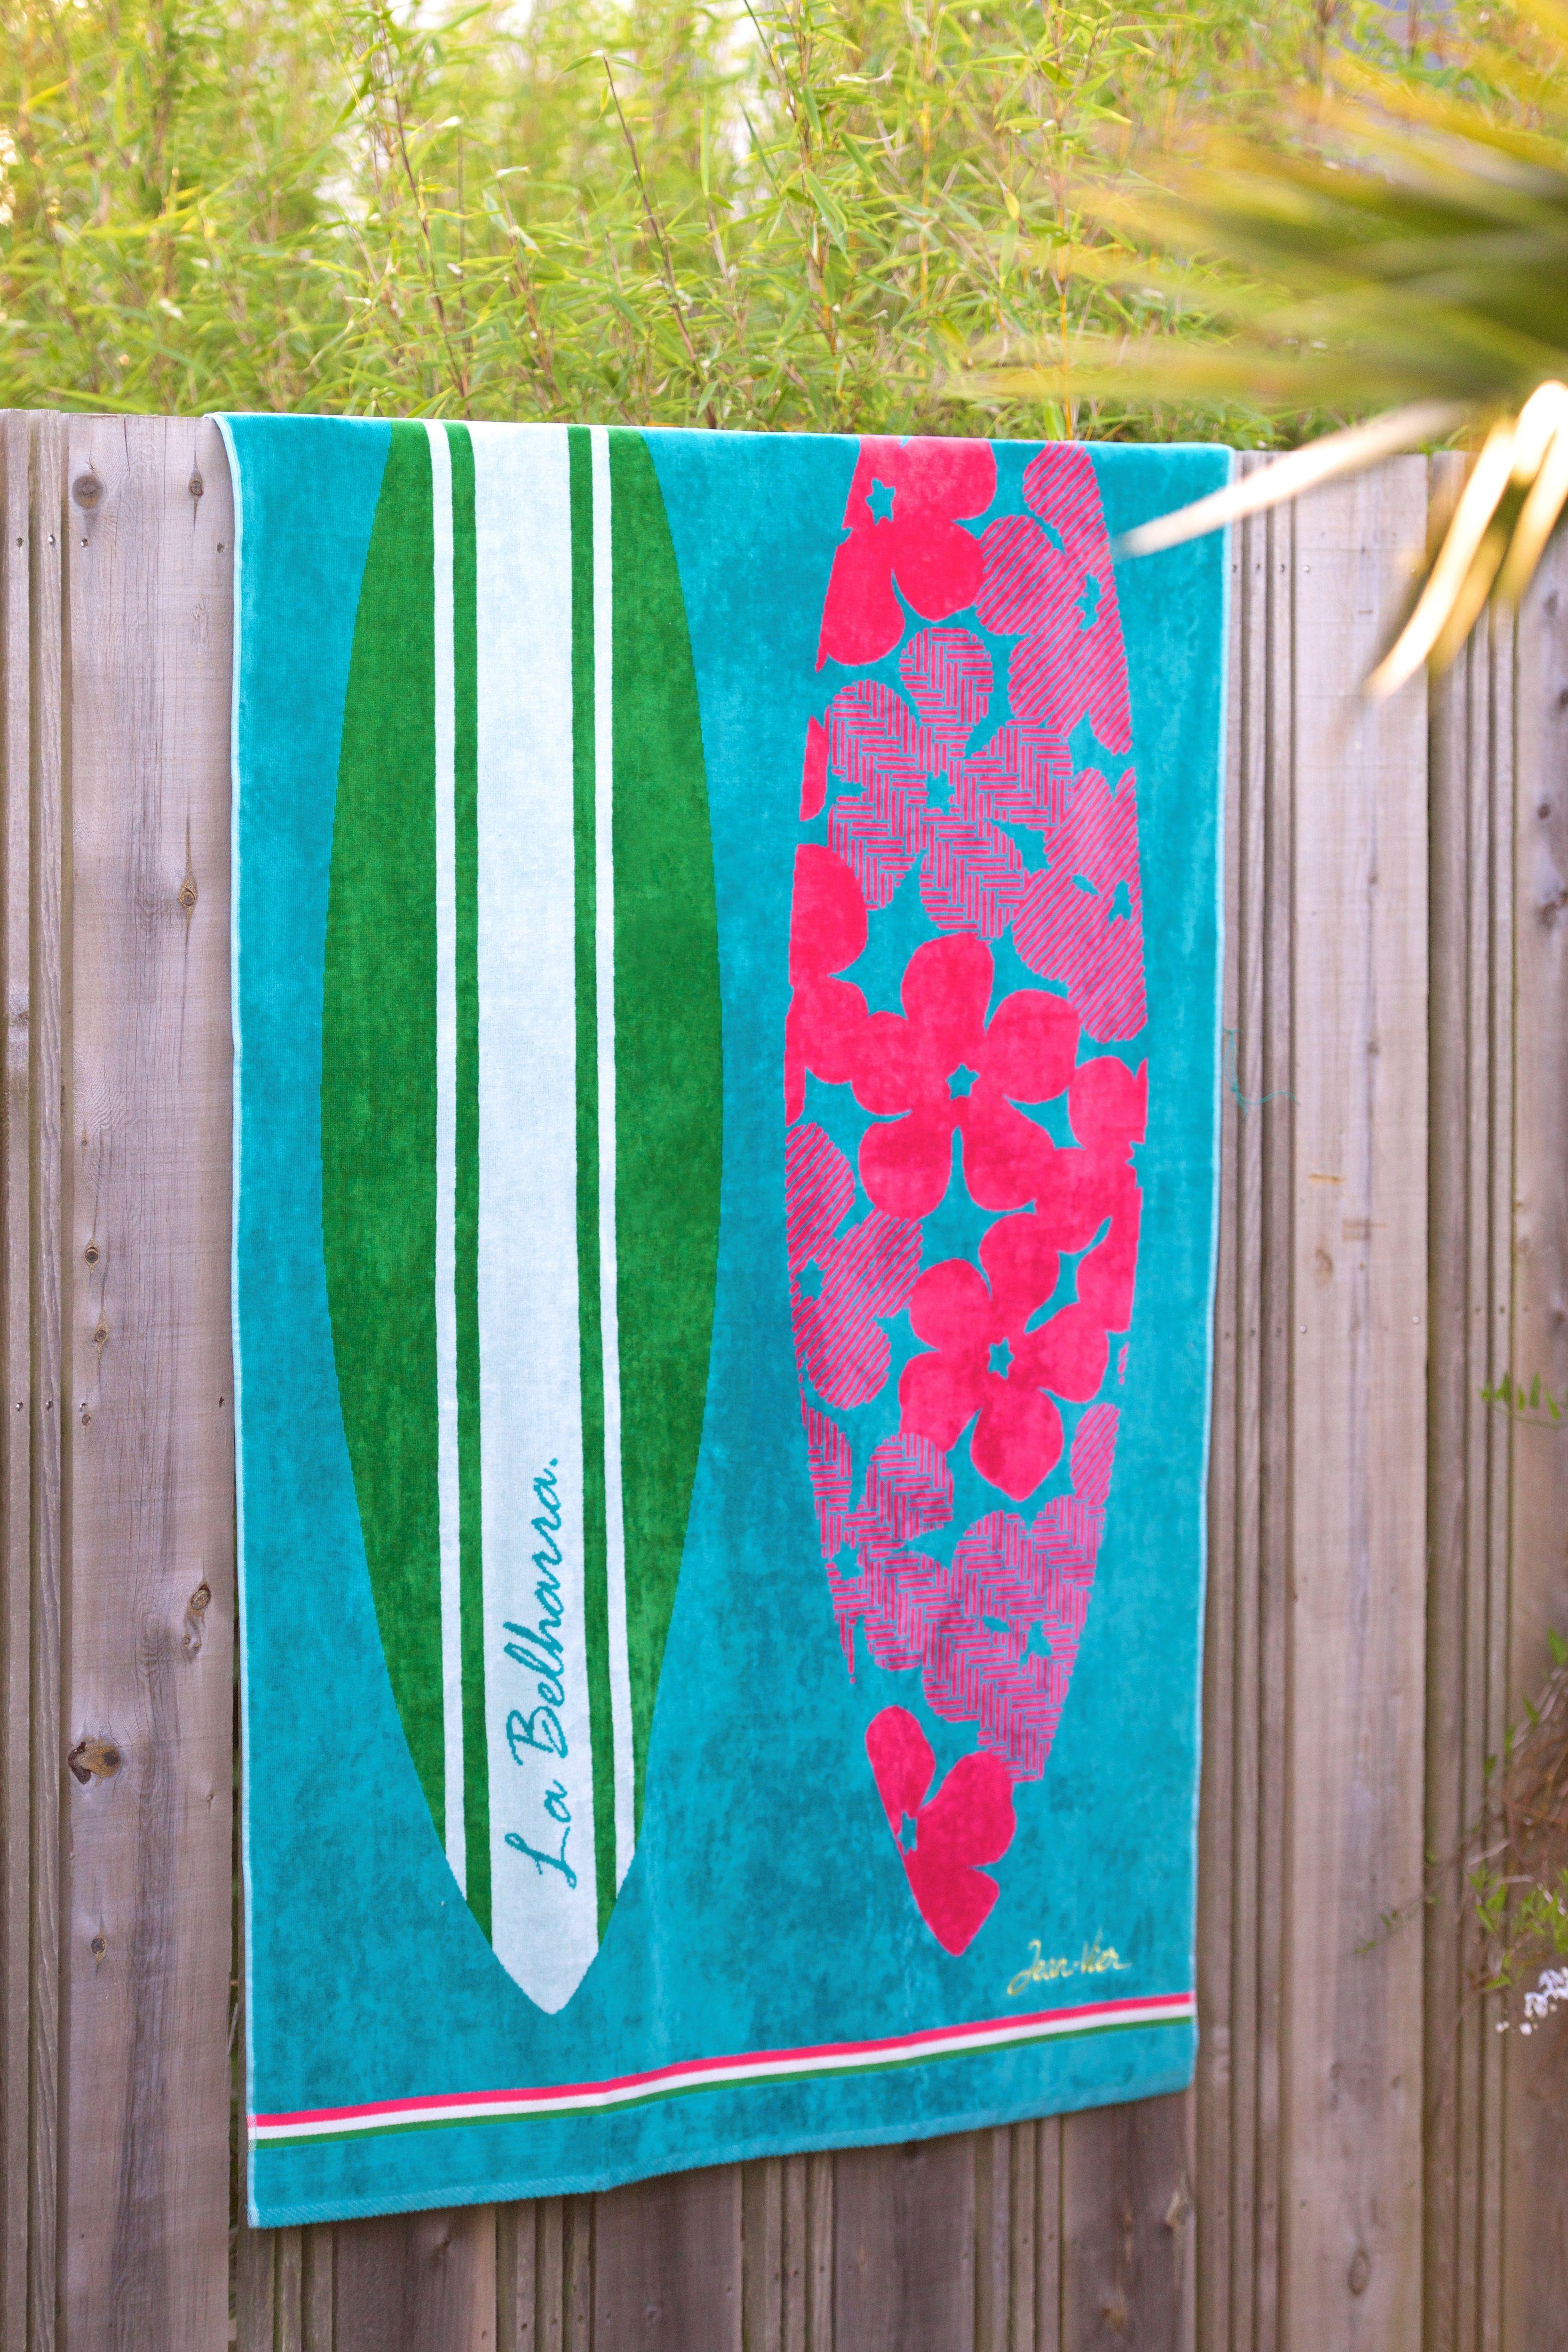 drap de plage coton jean vier c te ouest turquoise cotton beach towel jean vier erromardie. Black Bedroom Furniture Sets. Home Design Ideas